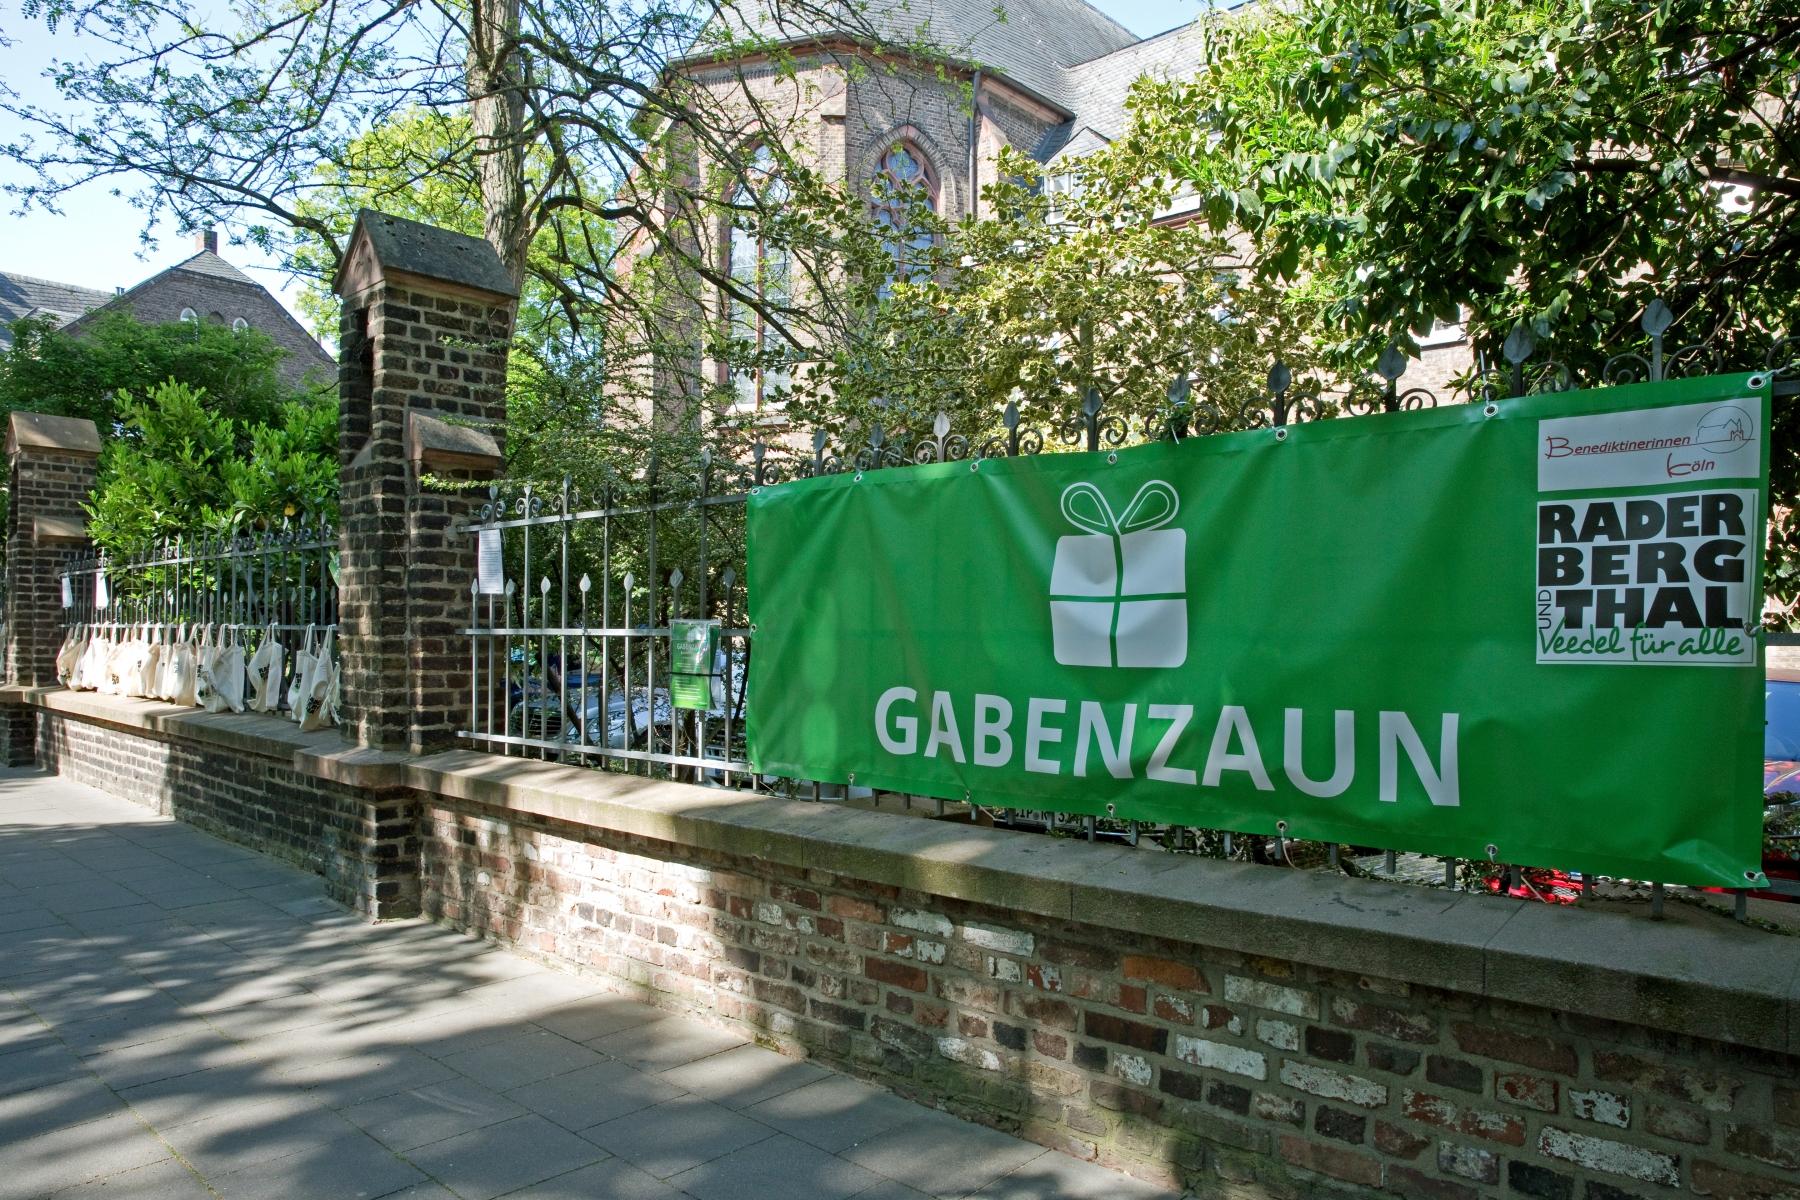 Der Gabenzaun des Bürgervereins RADERBERG und -THAL und der Benediktinerinnen, Bild: Ulla Giesen